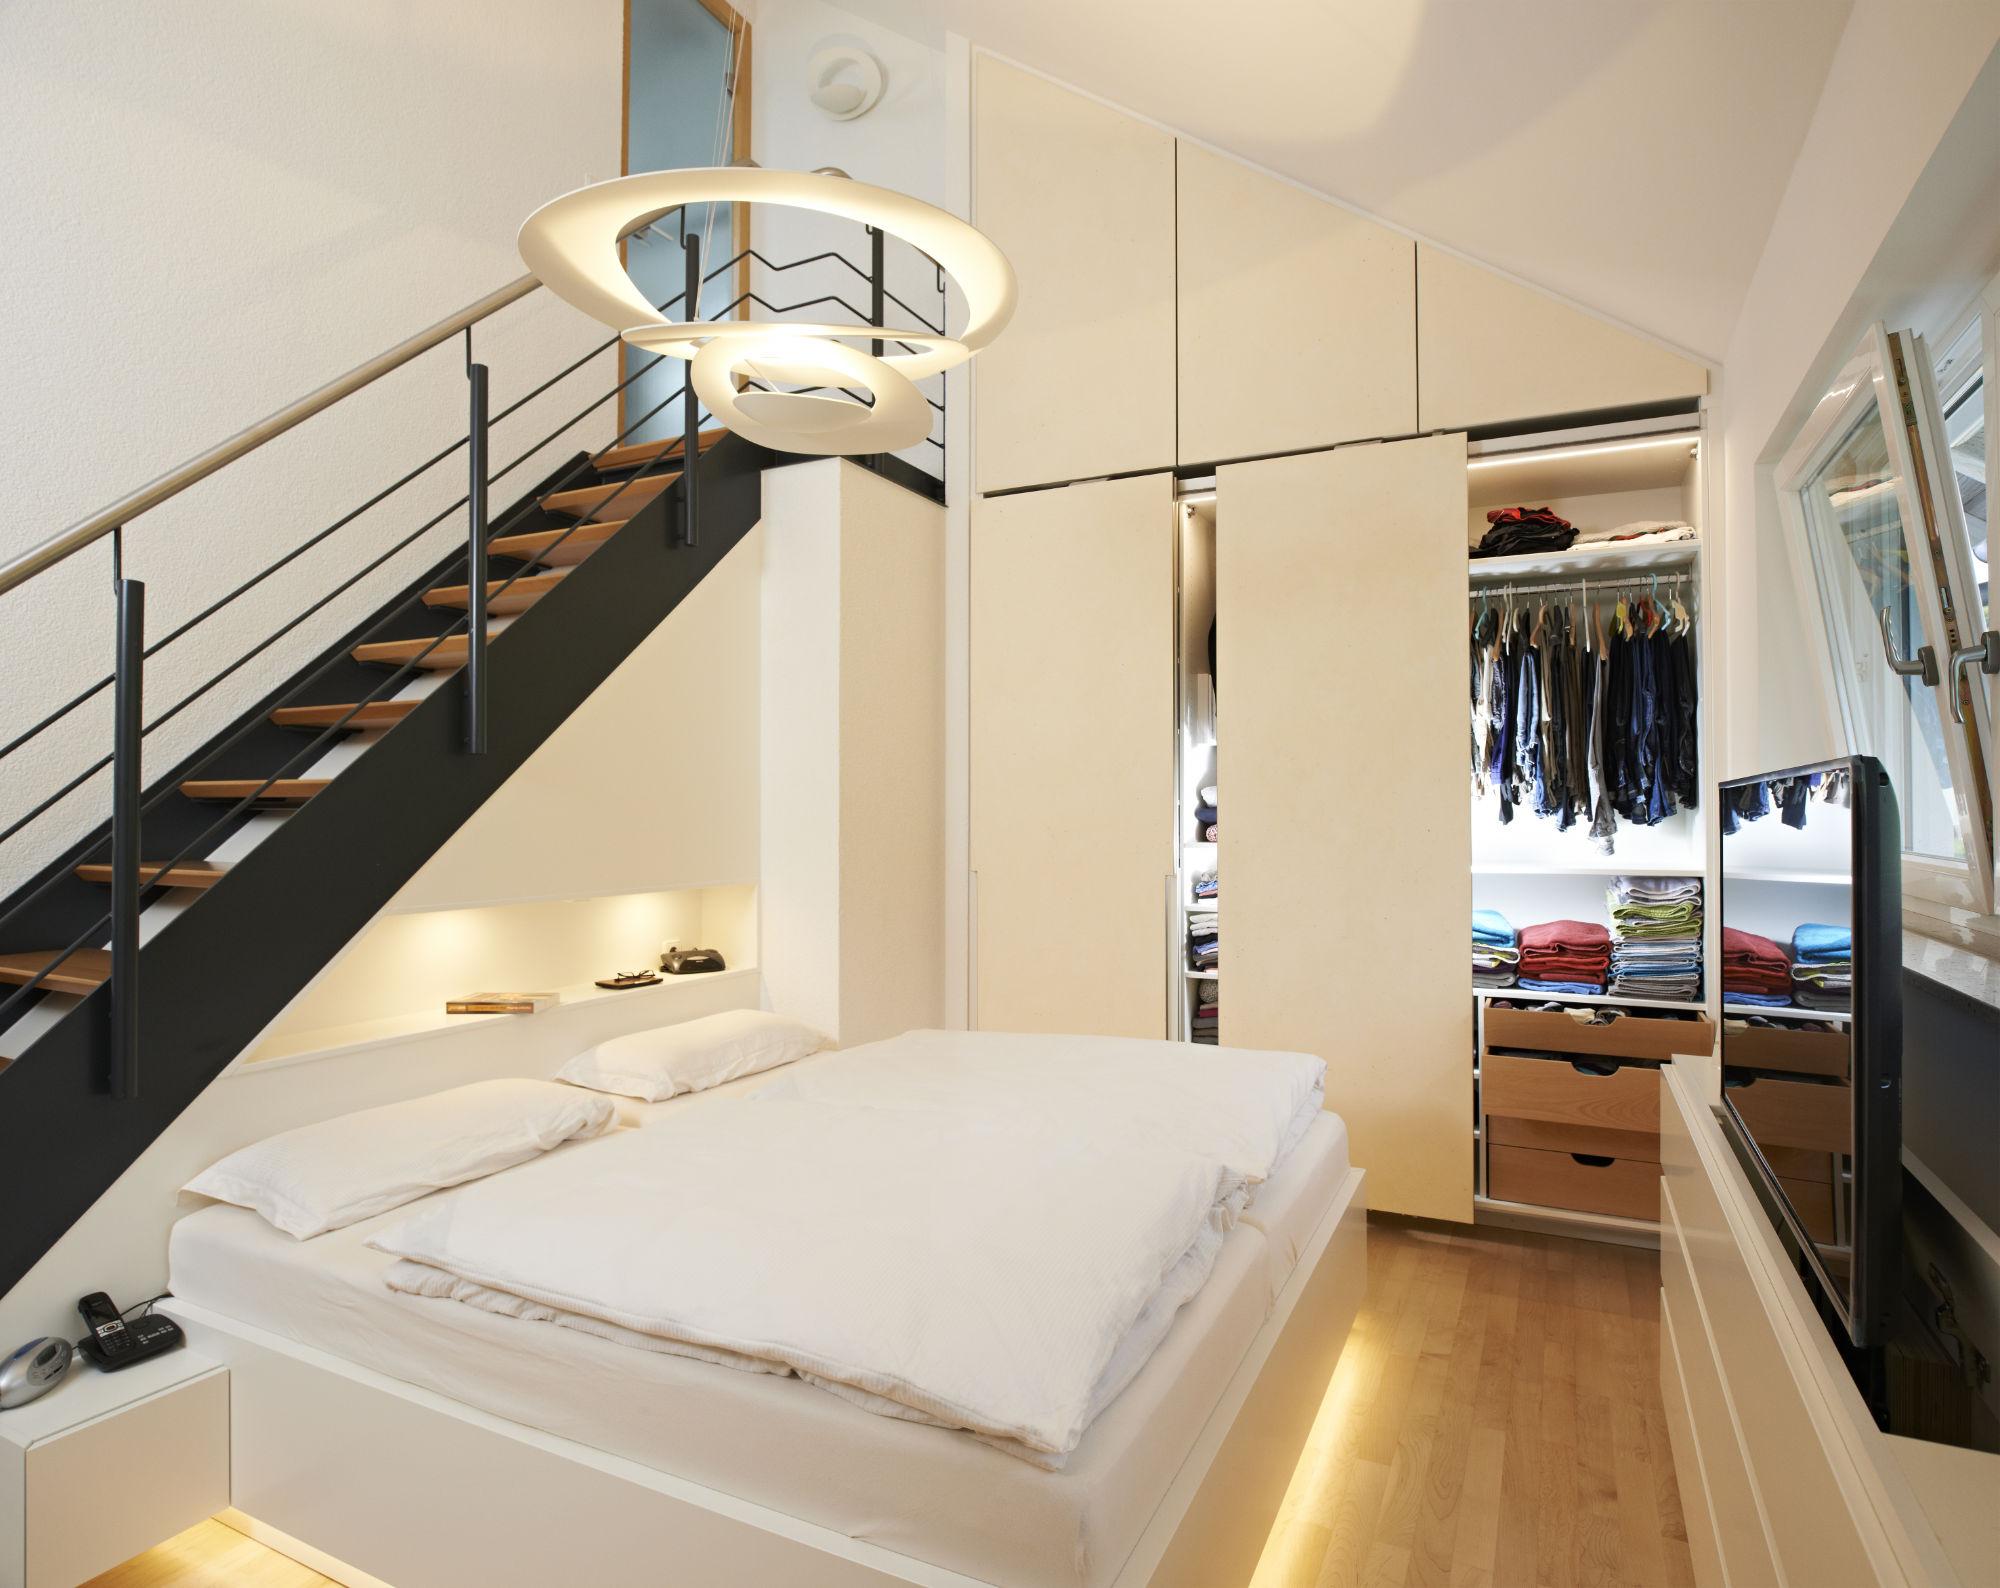 Schlafzimmer 5 - Möbel Bühler - Schorndorf